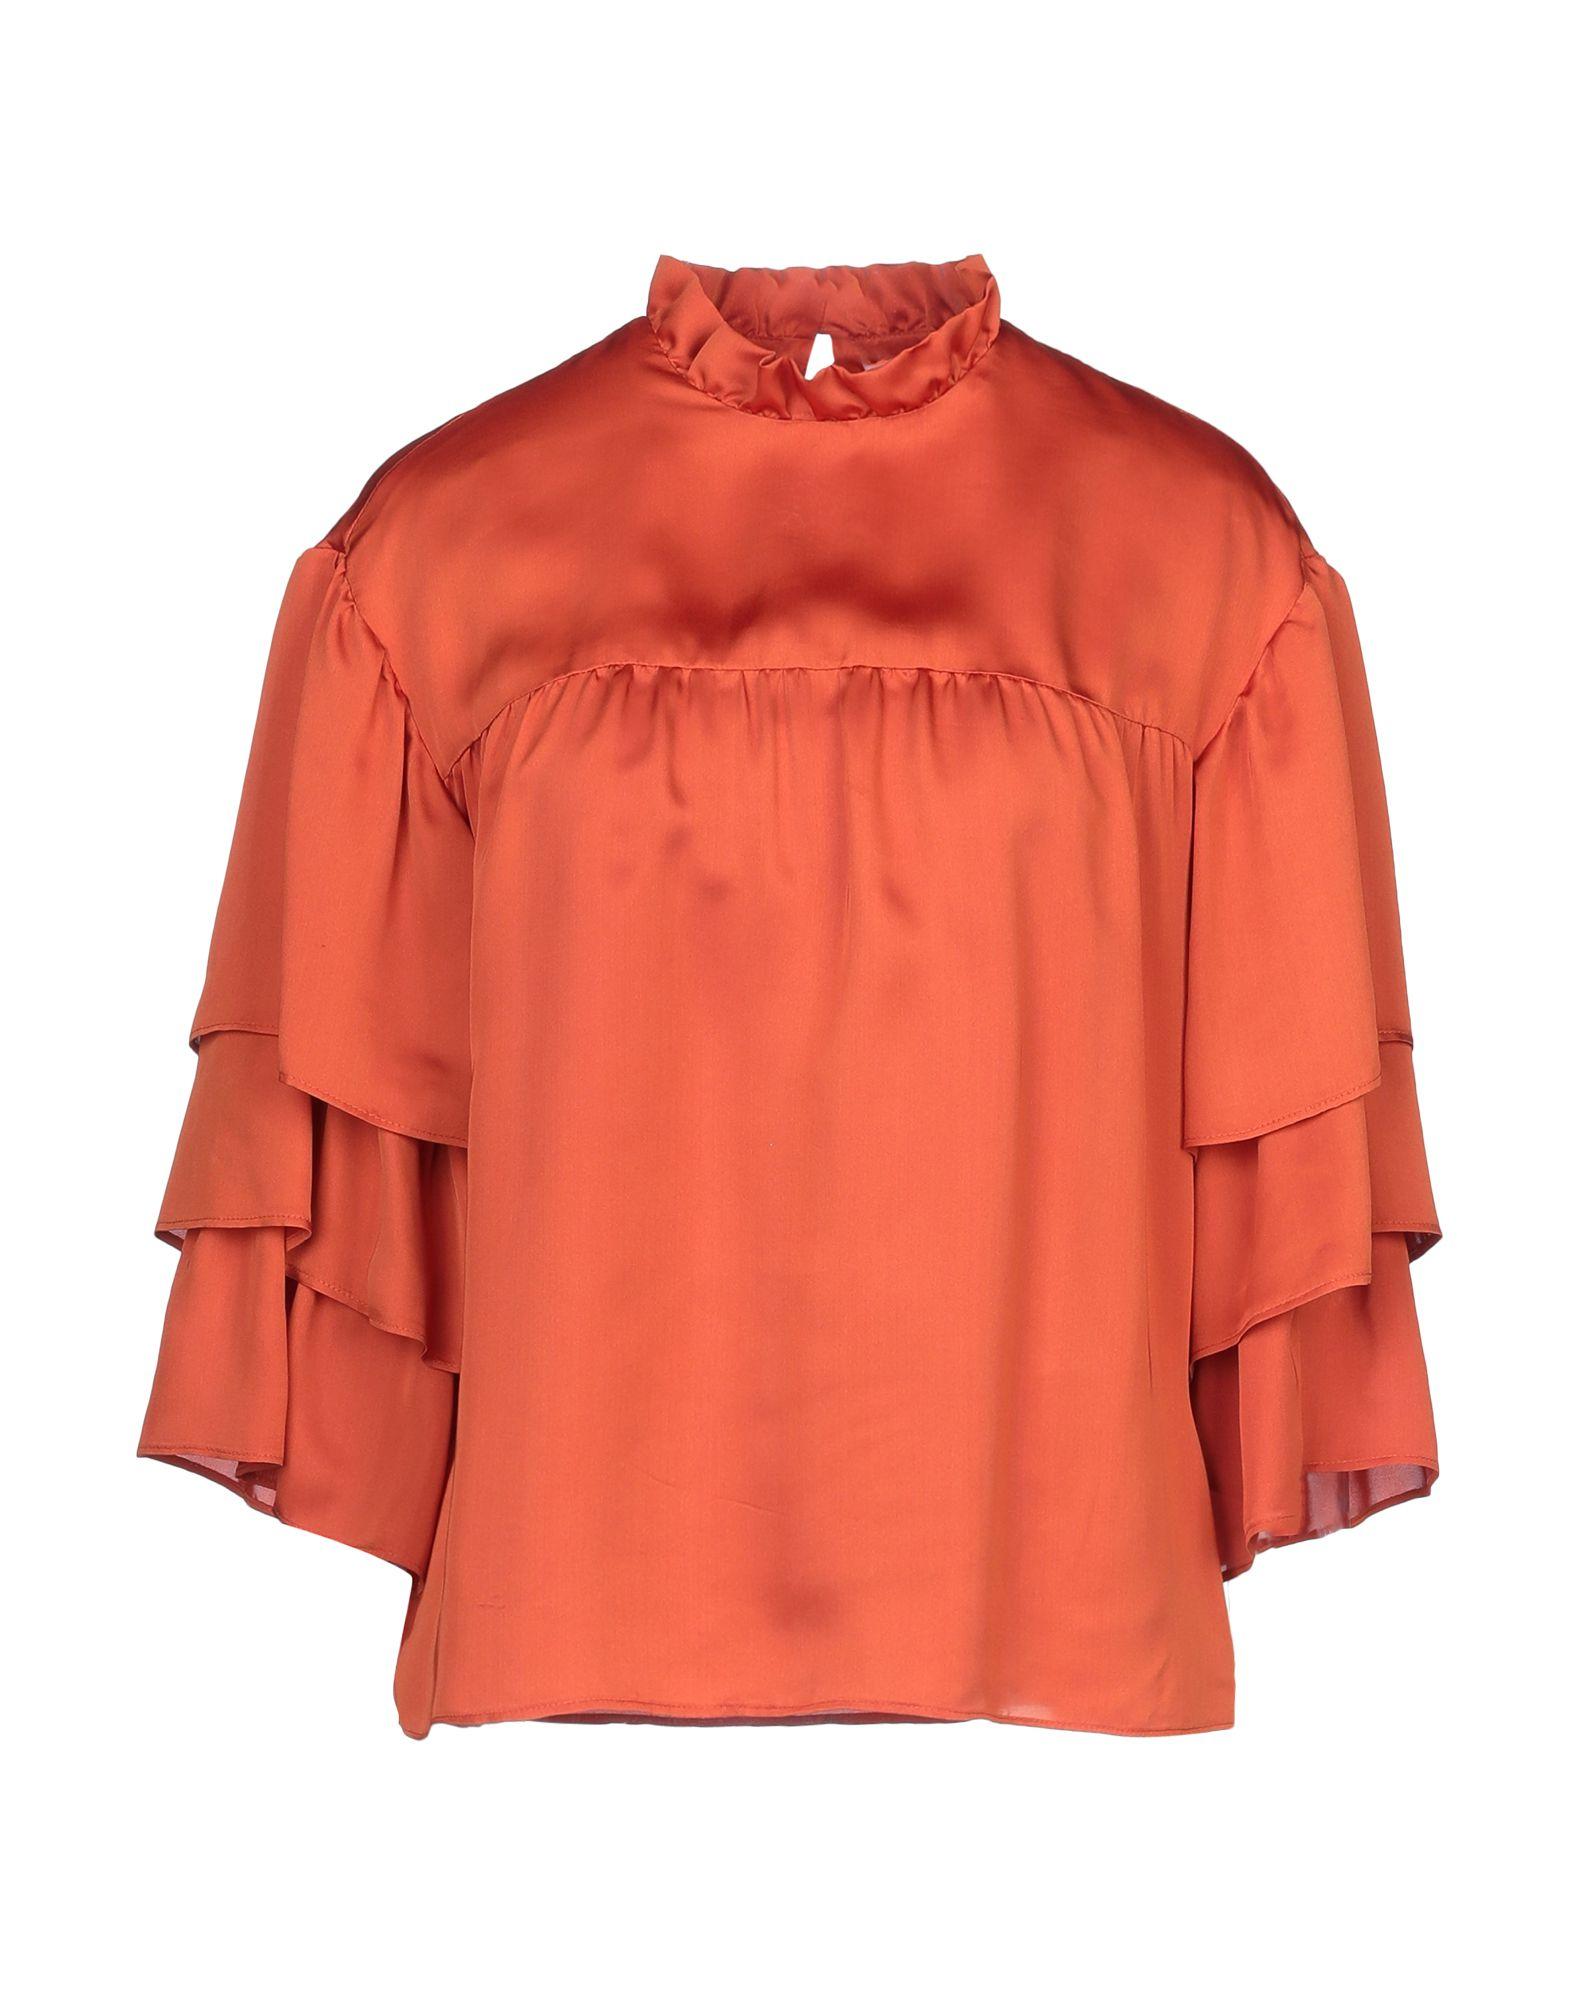 Фото - KRISTINA TI Блузка kristina ti блузка